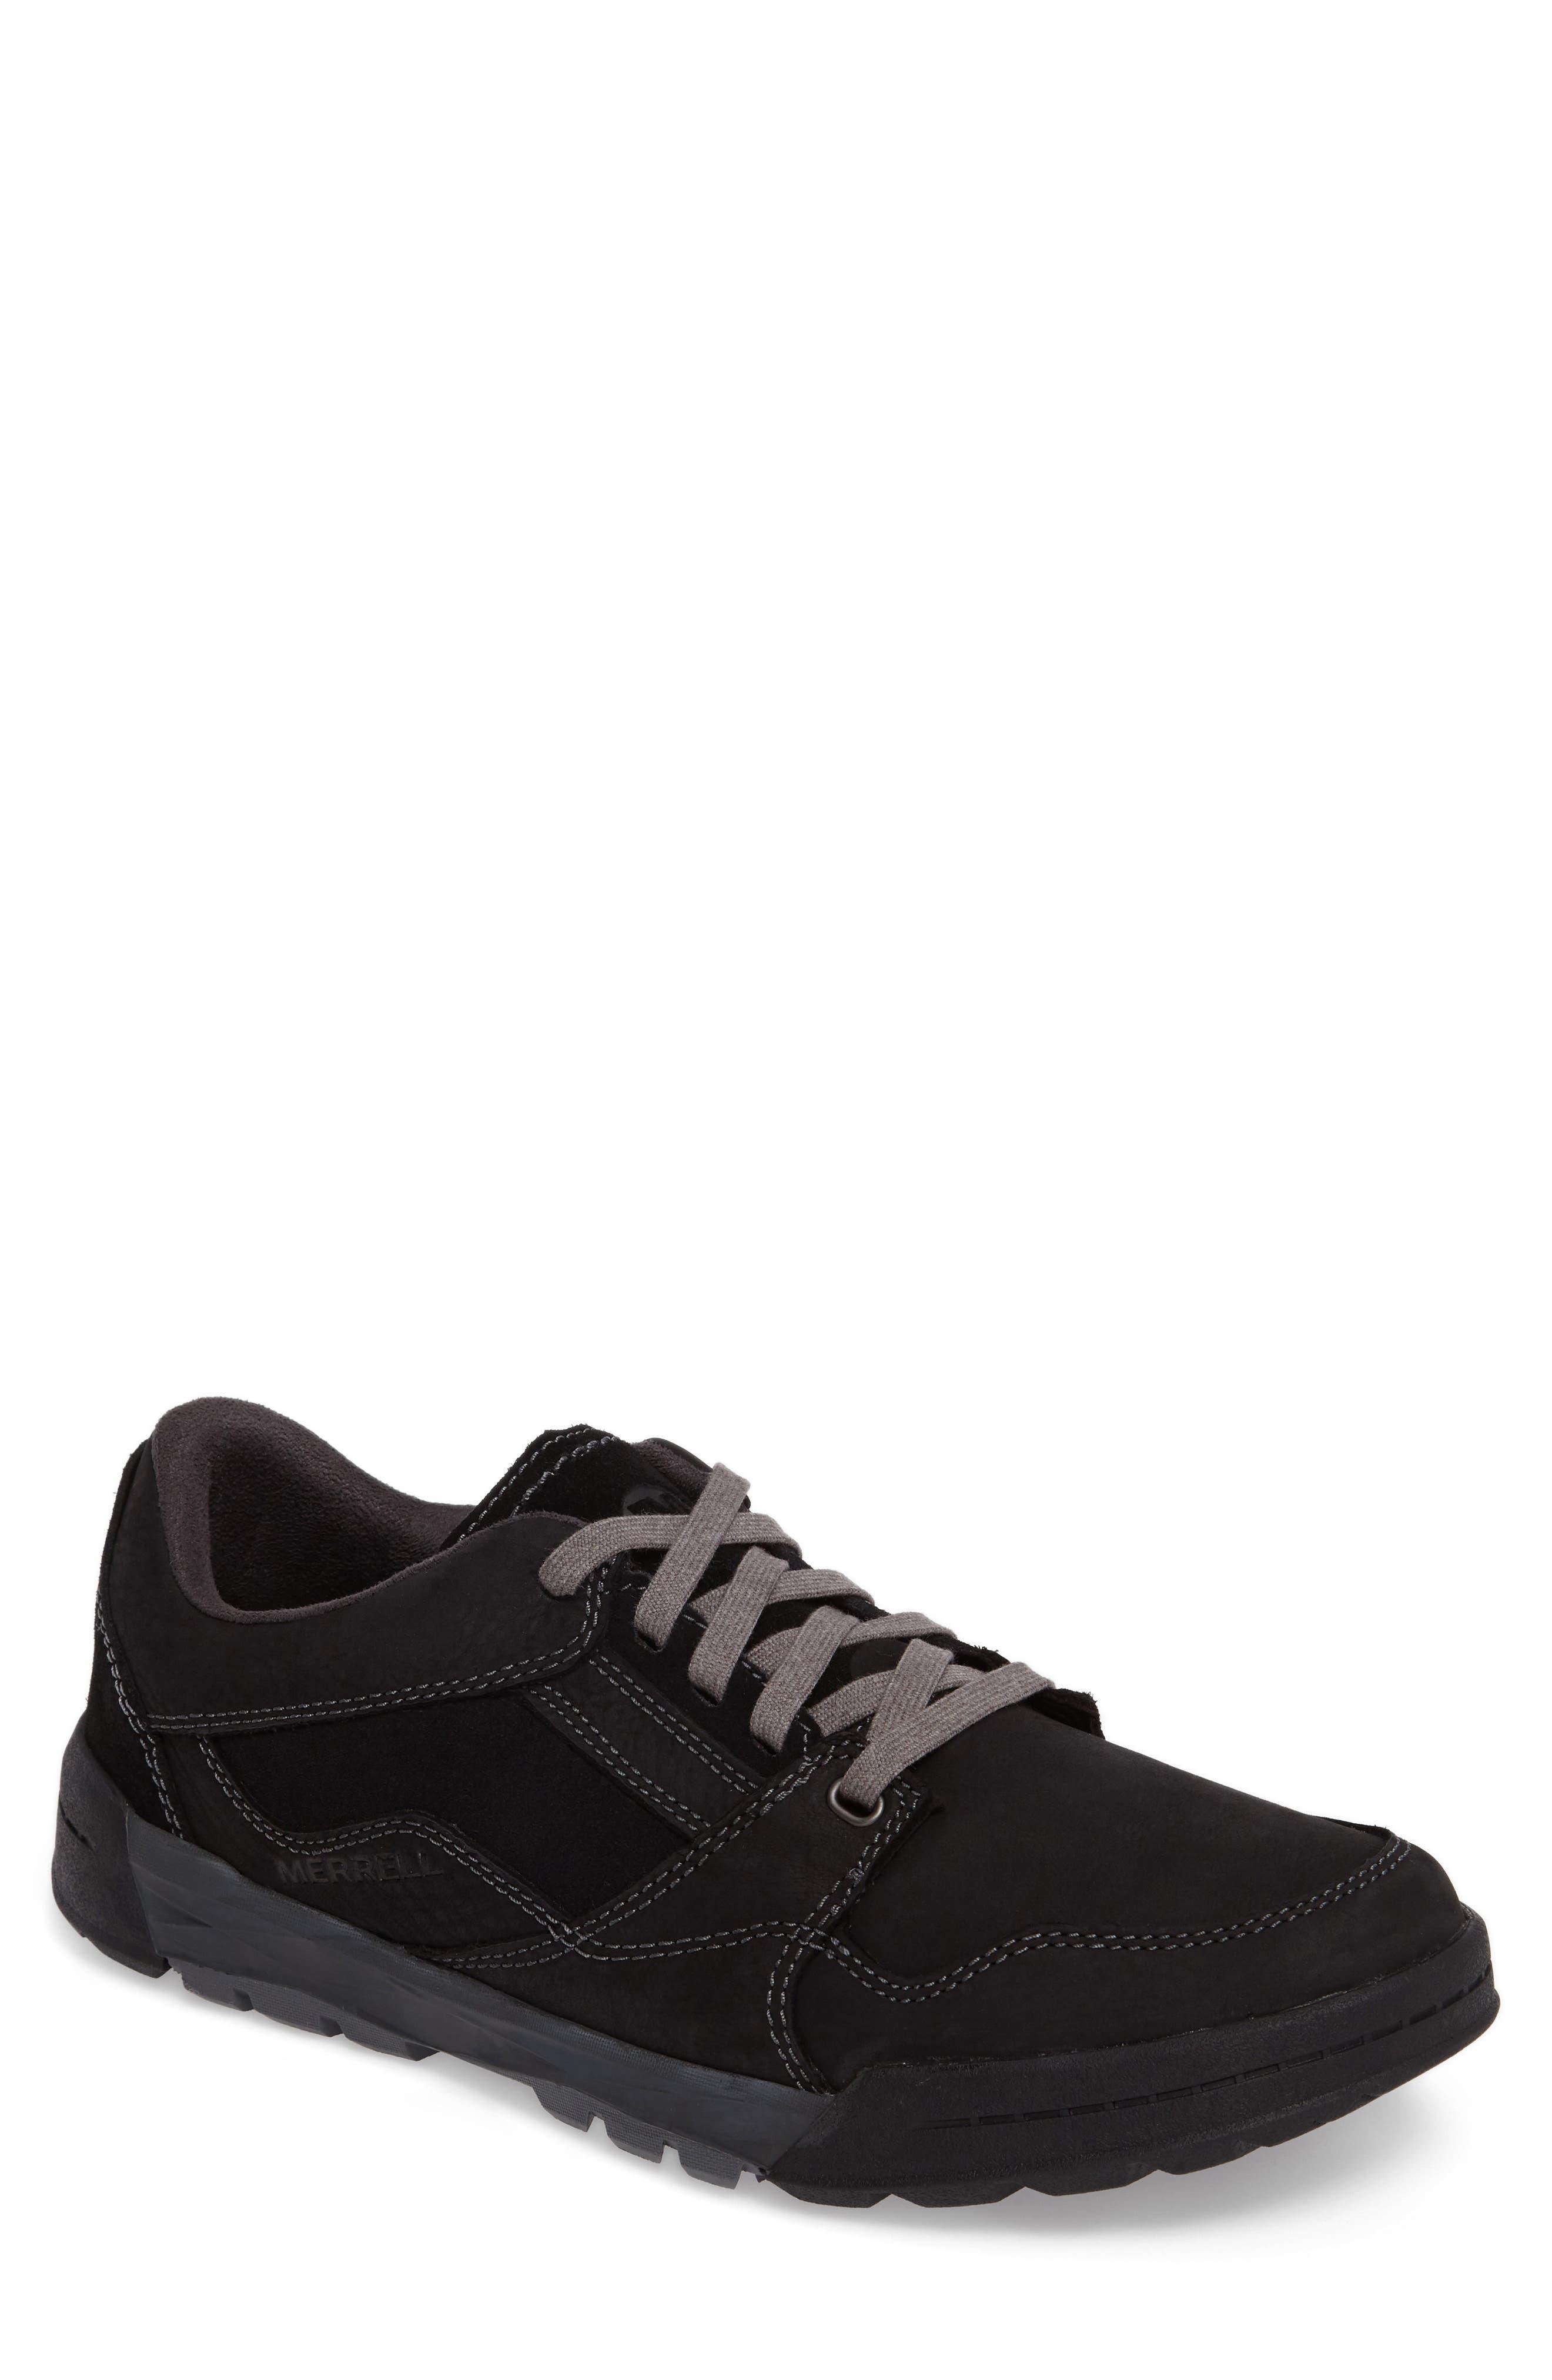 Berner Sneaker,                             Main thumbnail 1, color,                             001